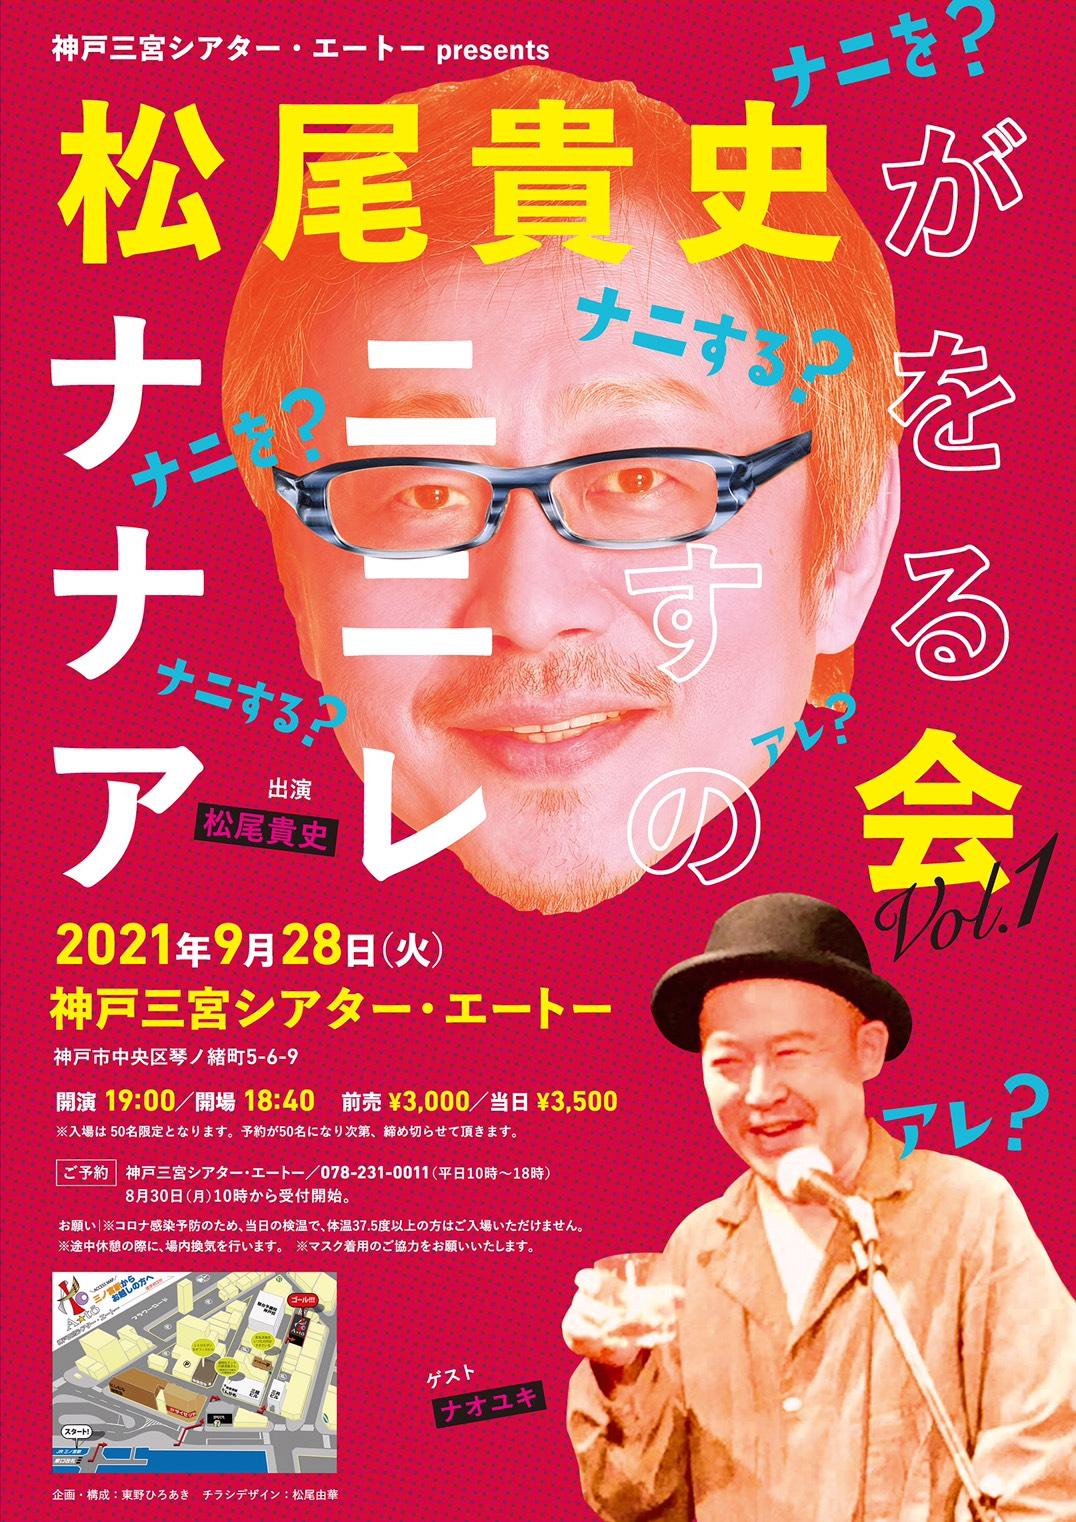 『松尾貴史がナニをナニするアレの会』Vol.1